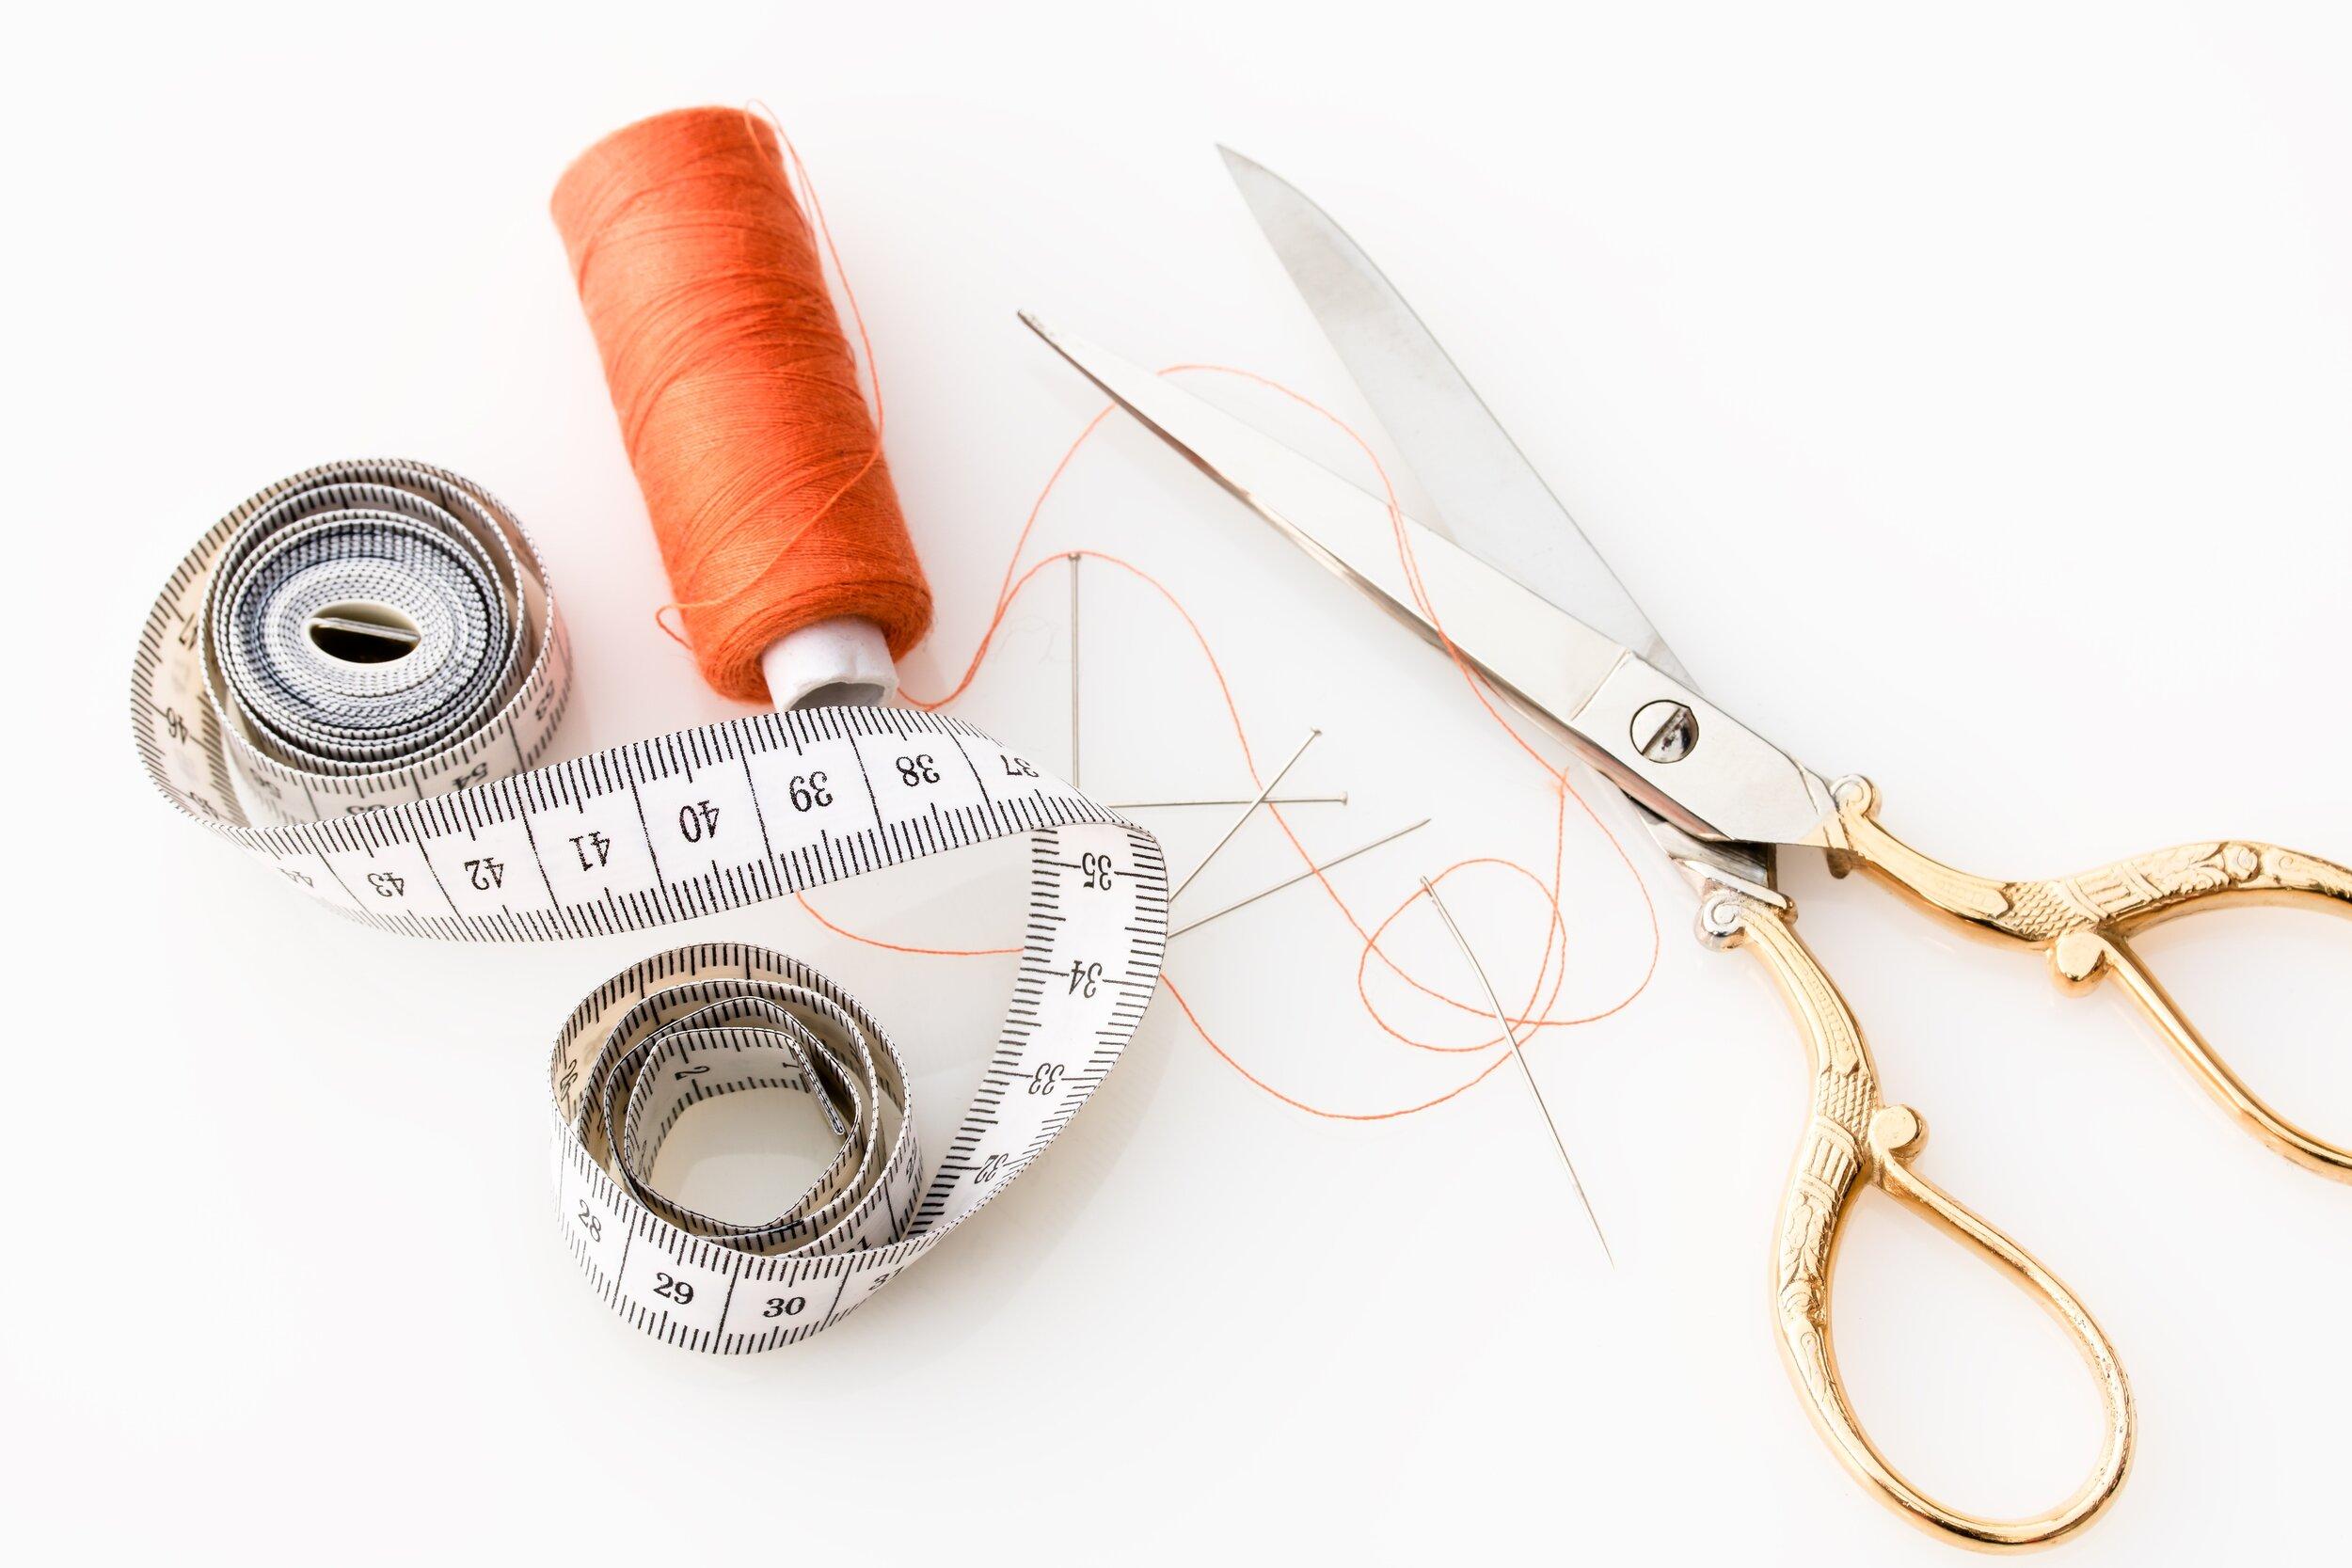 fabric-scissors-needle-needles-461035.jpg